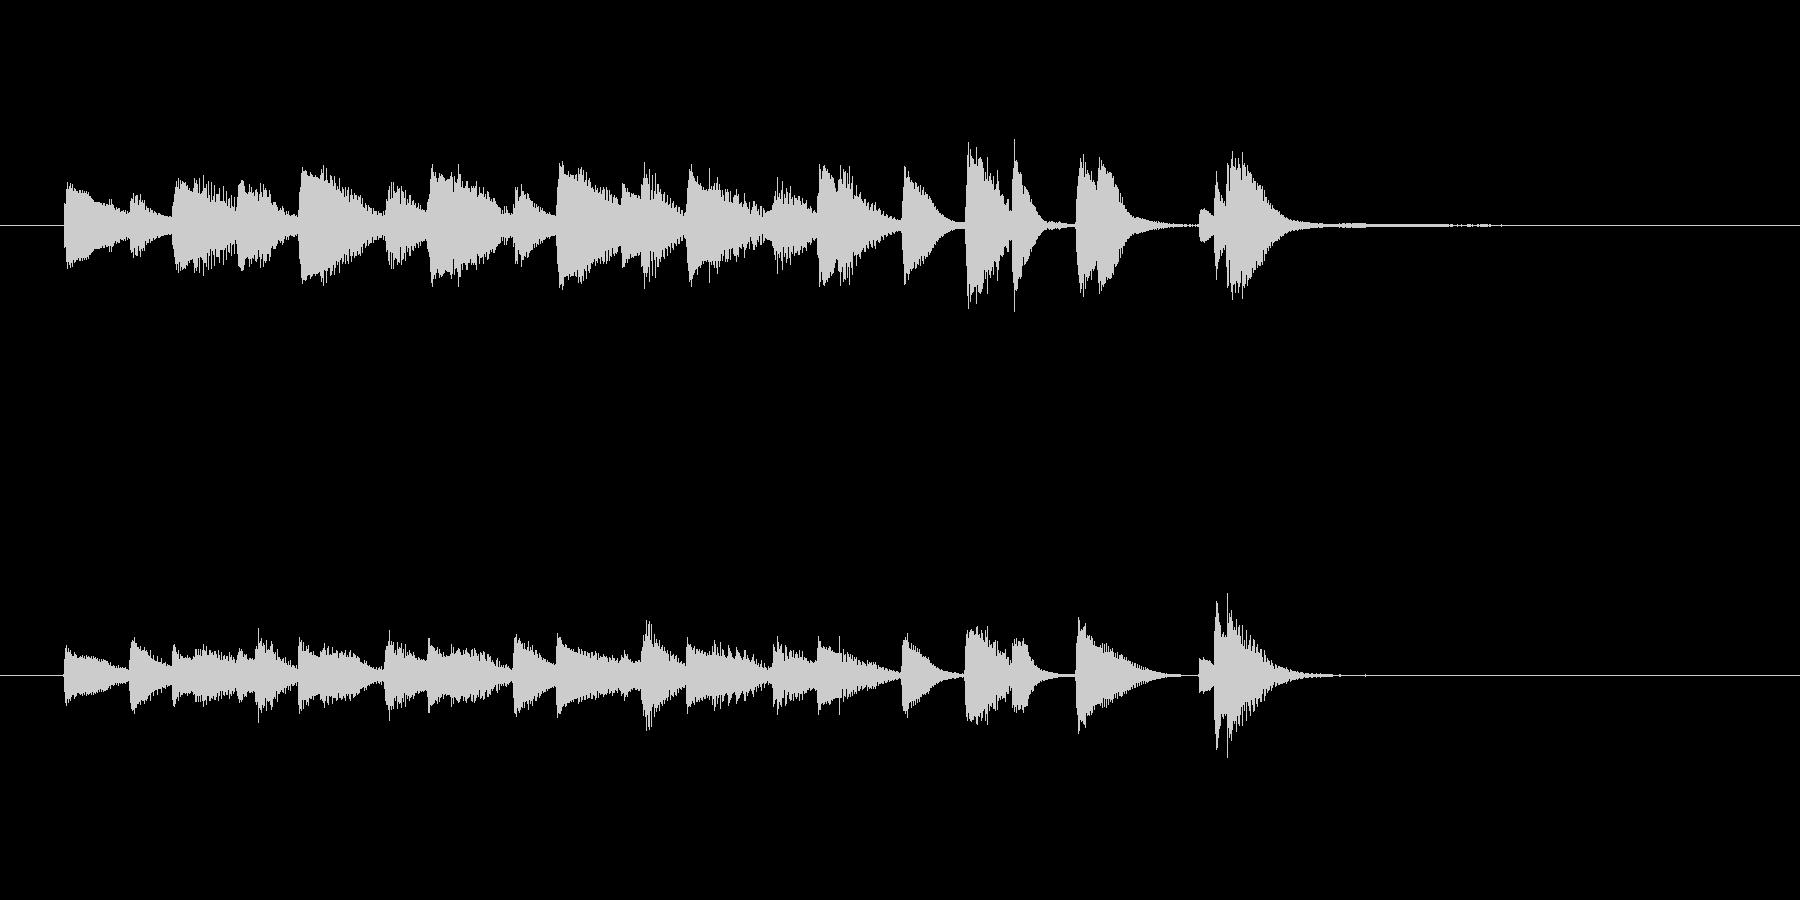 ジャズピアノ、軽快、おどけた、ジングル1の未再生の波形